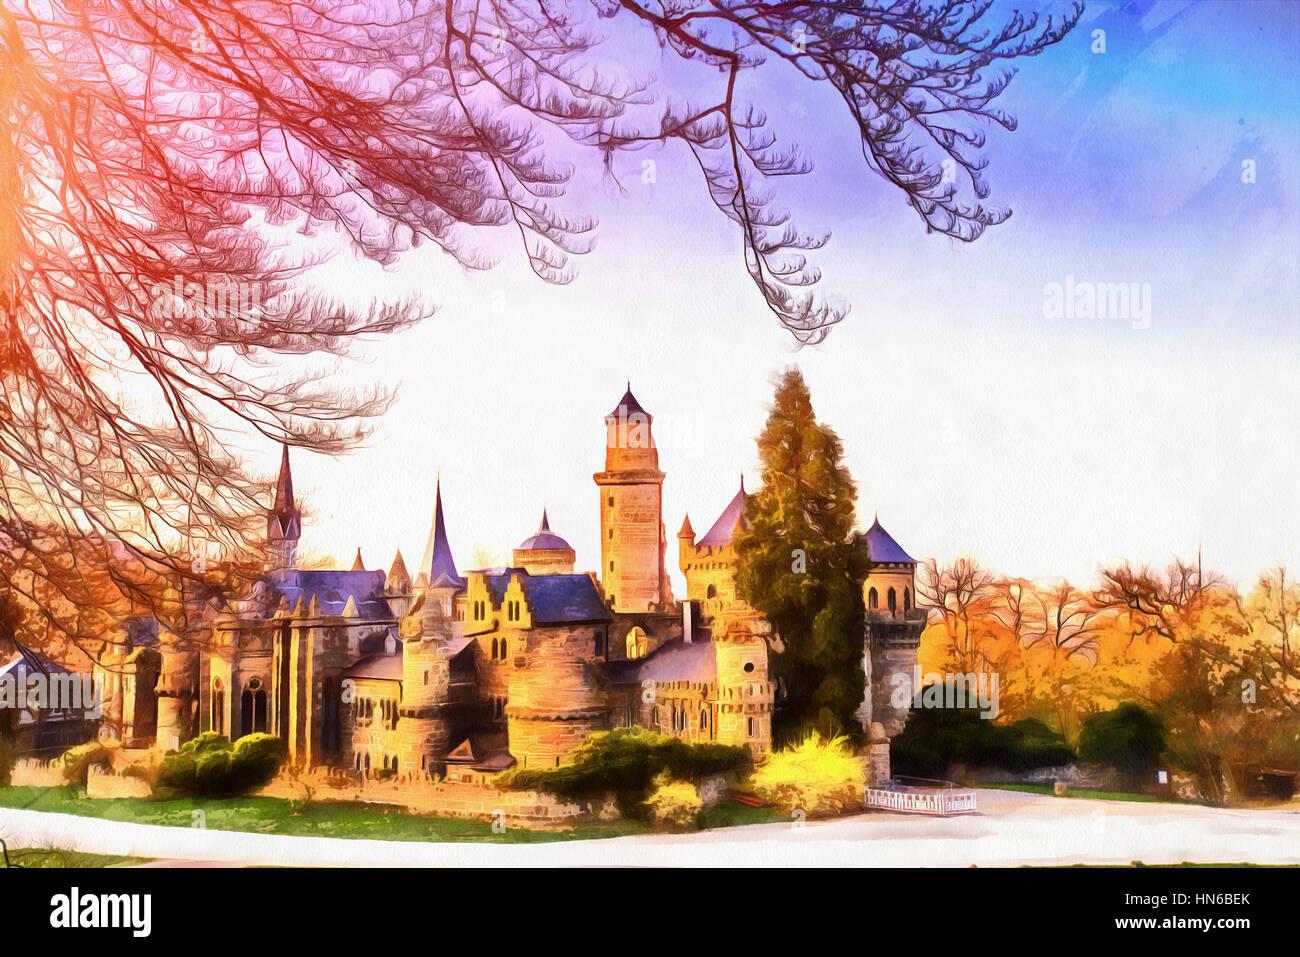 Antico castello. Le opere in stile di pittura ad acquerello Immagini Stock